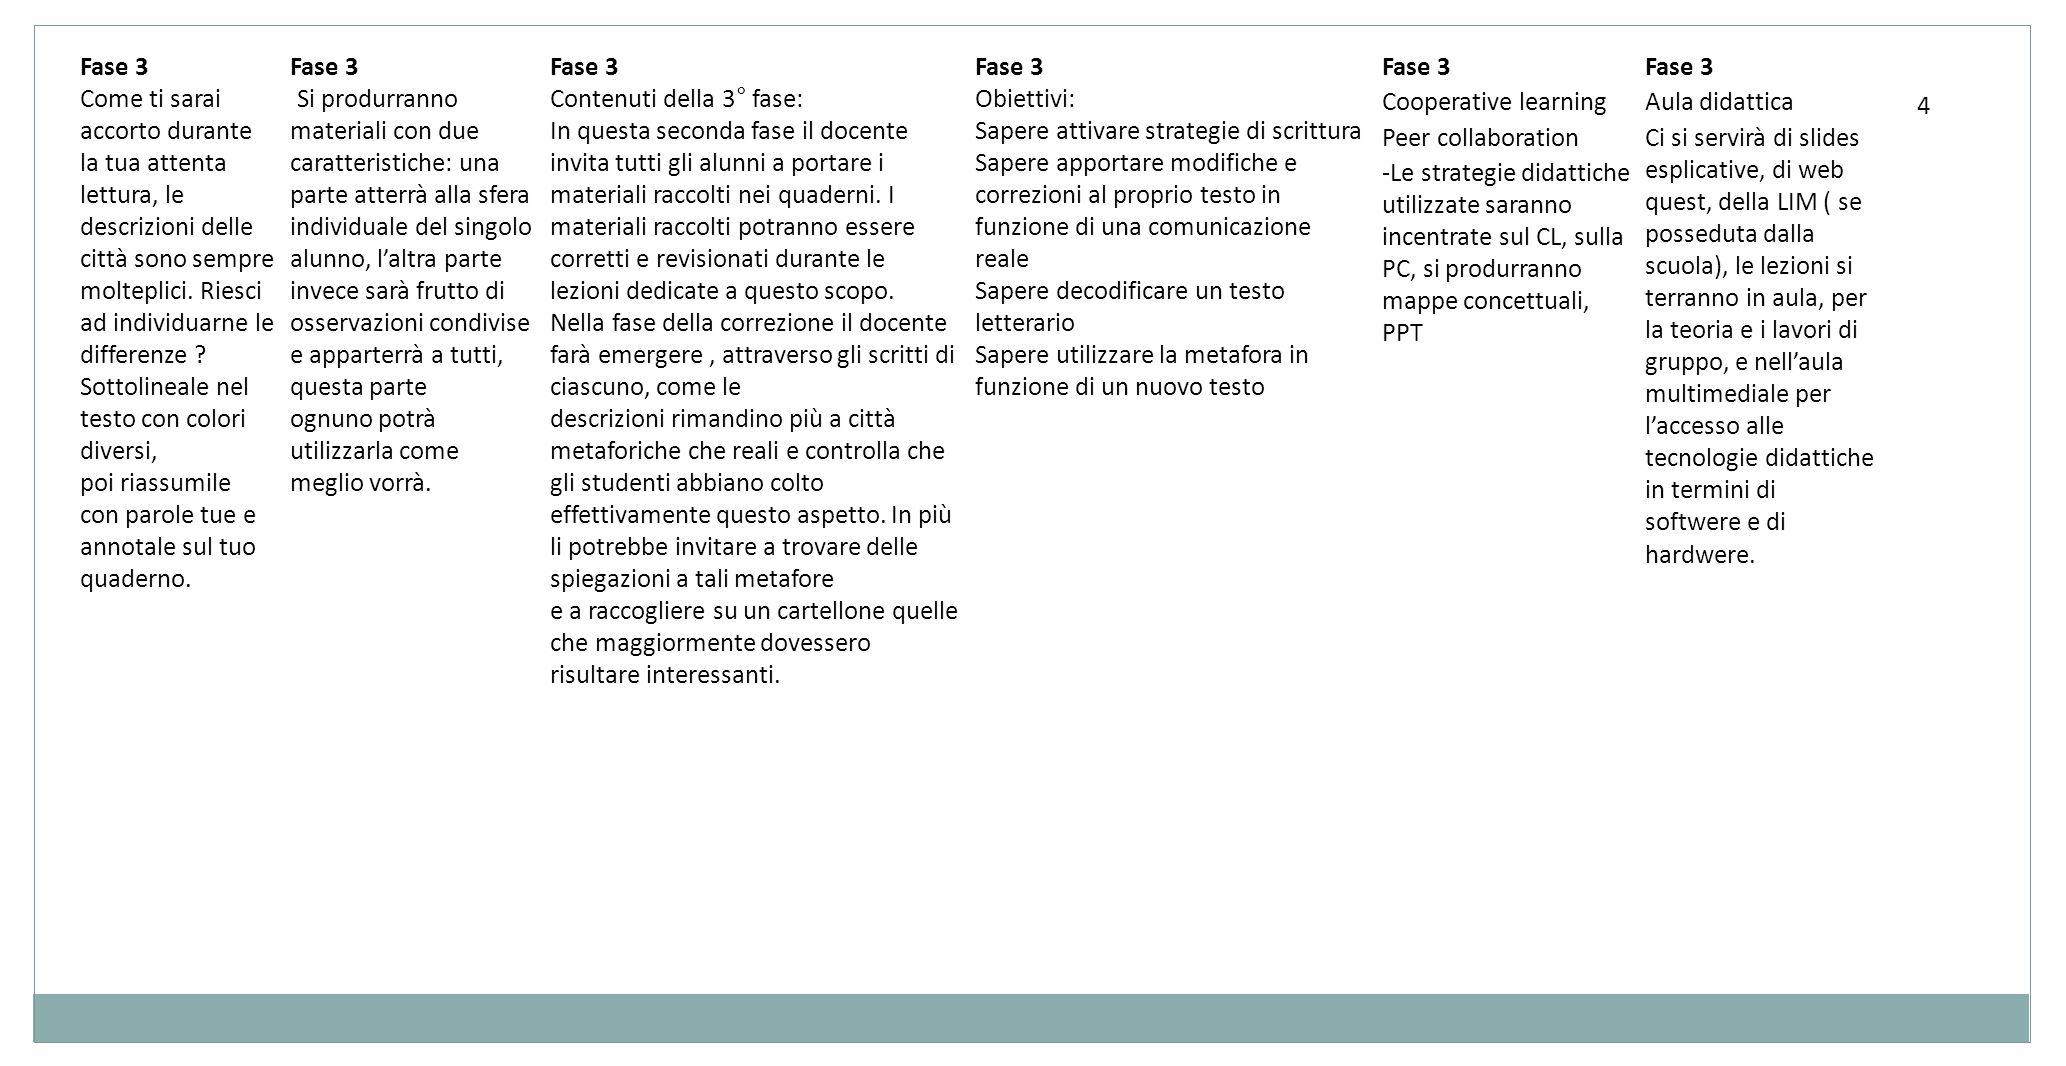 Fase 2 In questa fase, dopo la presentazione si descrive la metodologia generale del laboratorio, si presentano agli studenti i testi citati e illustr